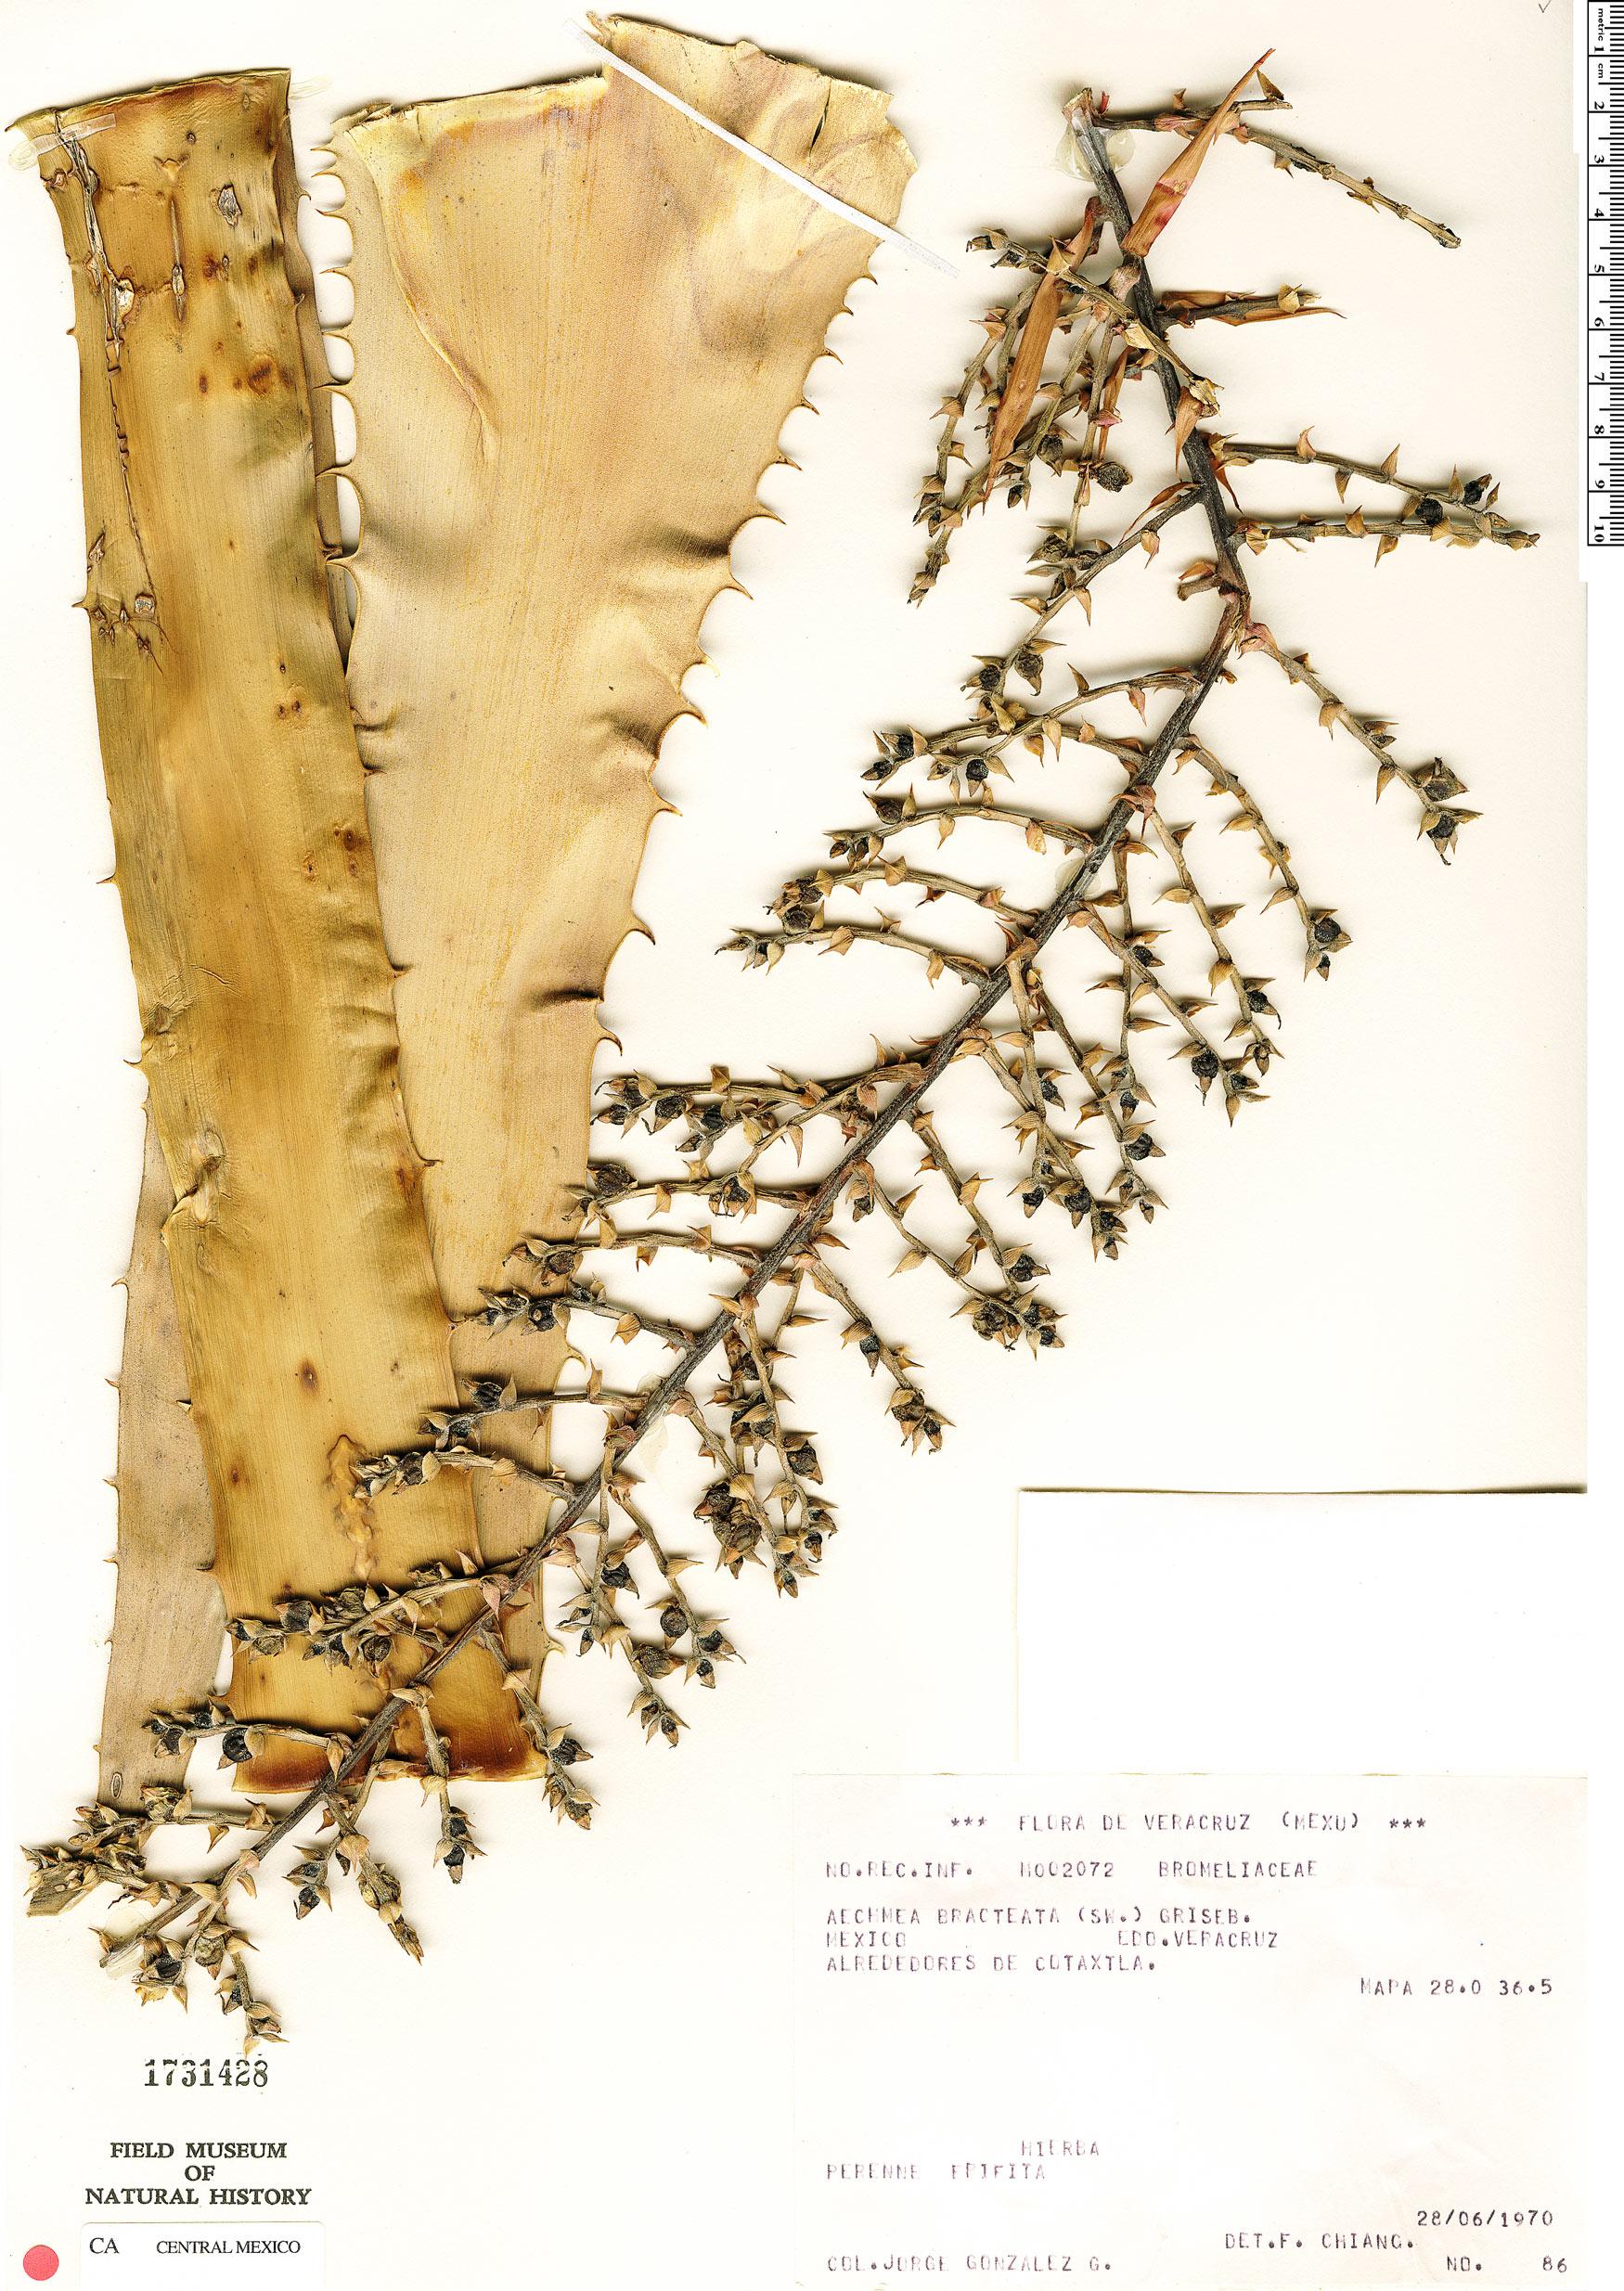 Espécime: Aechmea bracteata